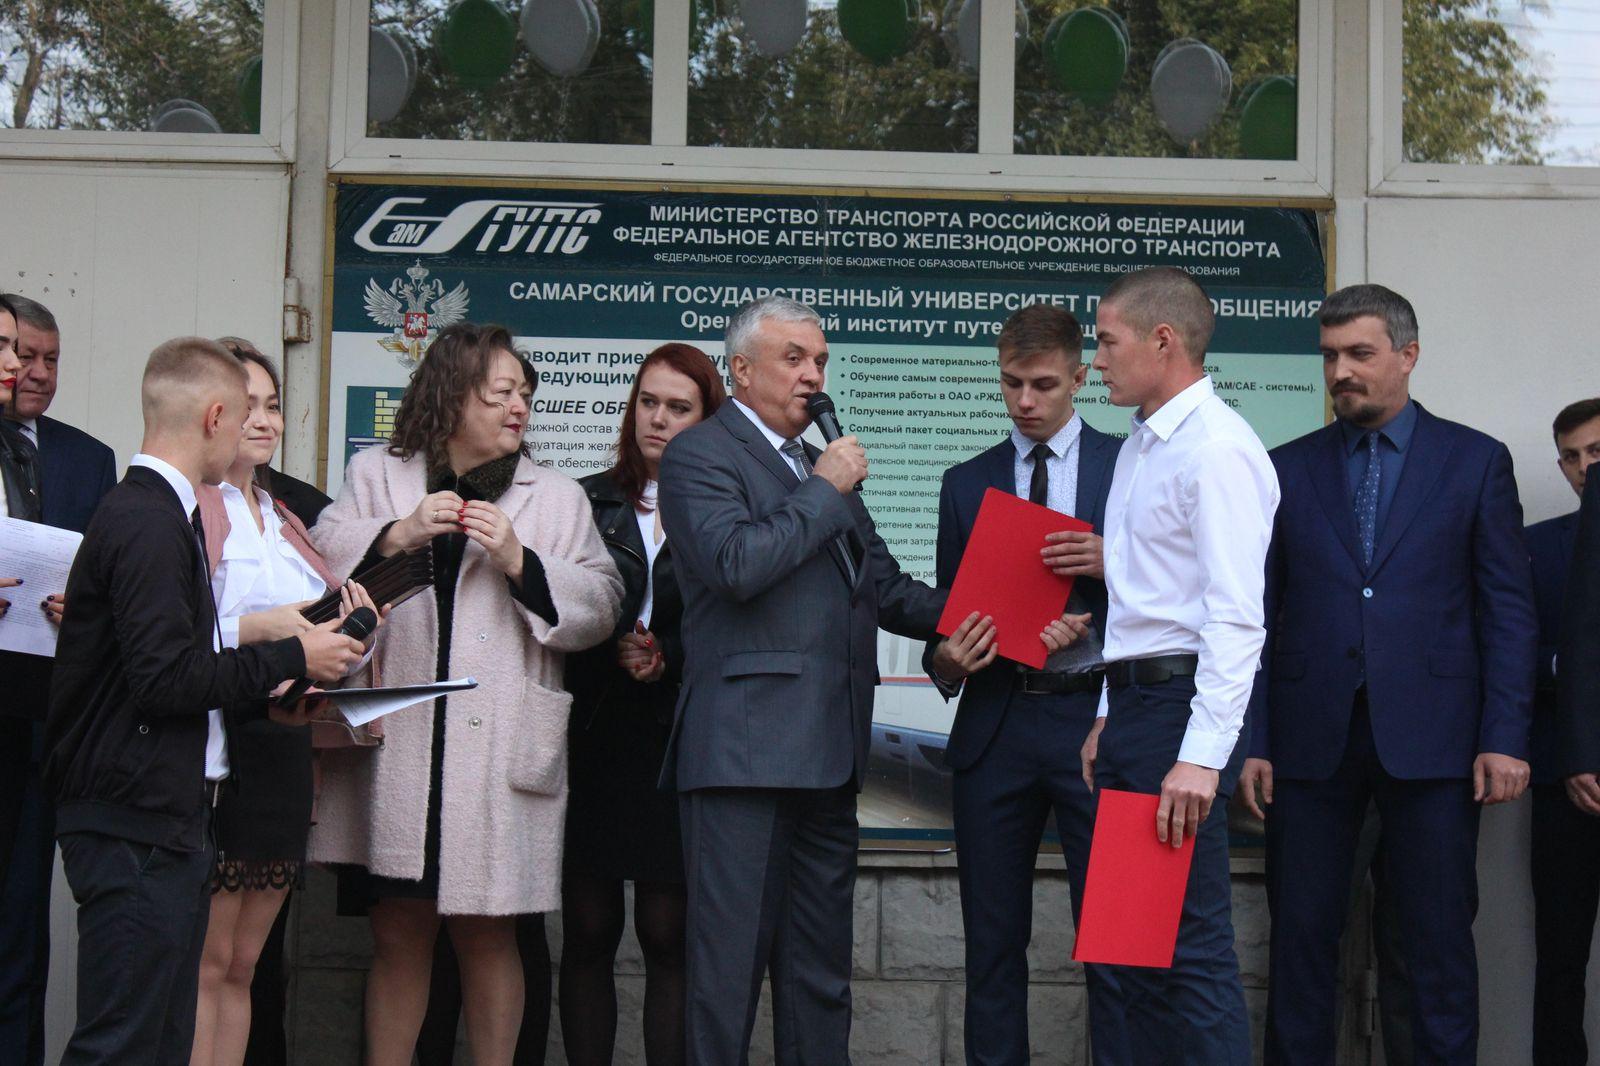 Стипендия генерального директора ОАО «РЖД»